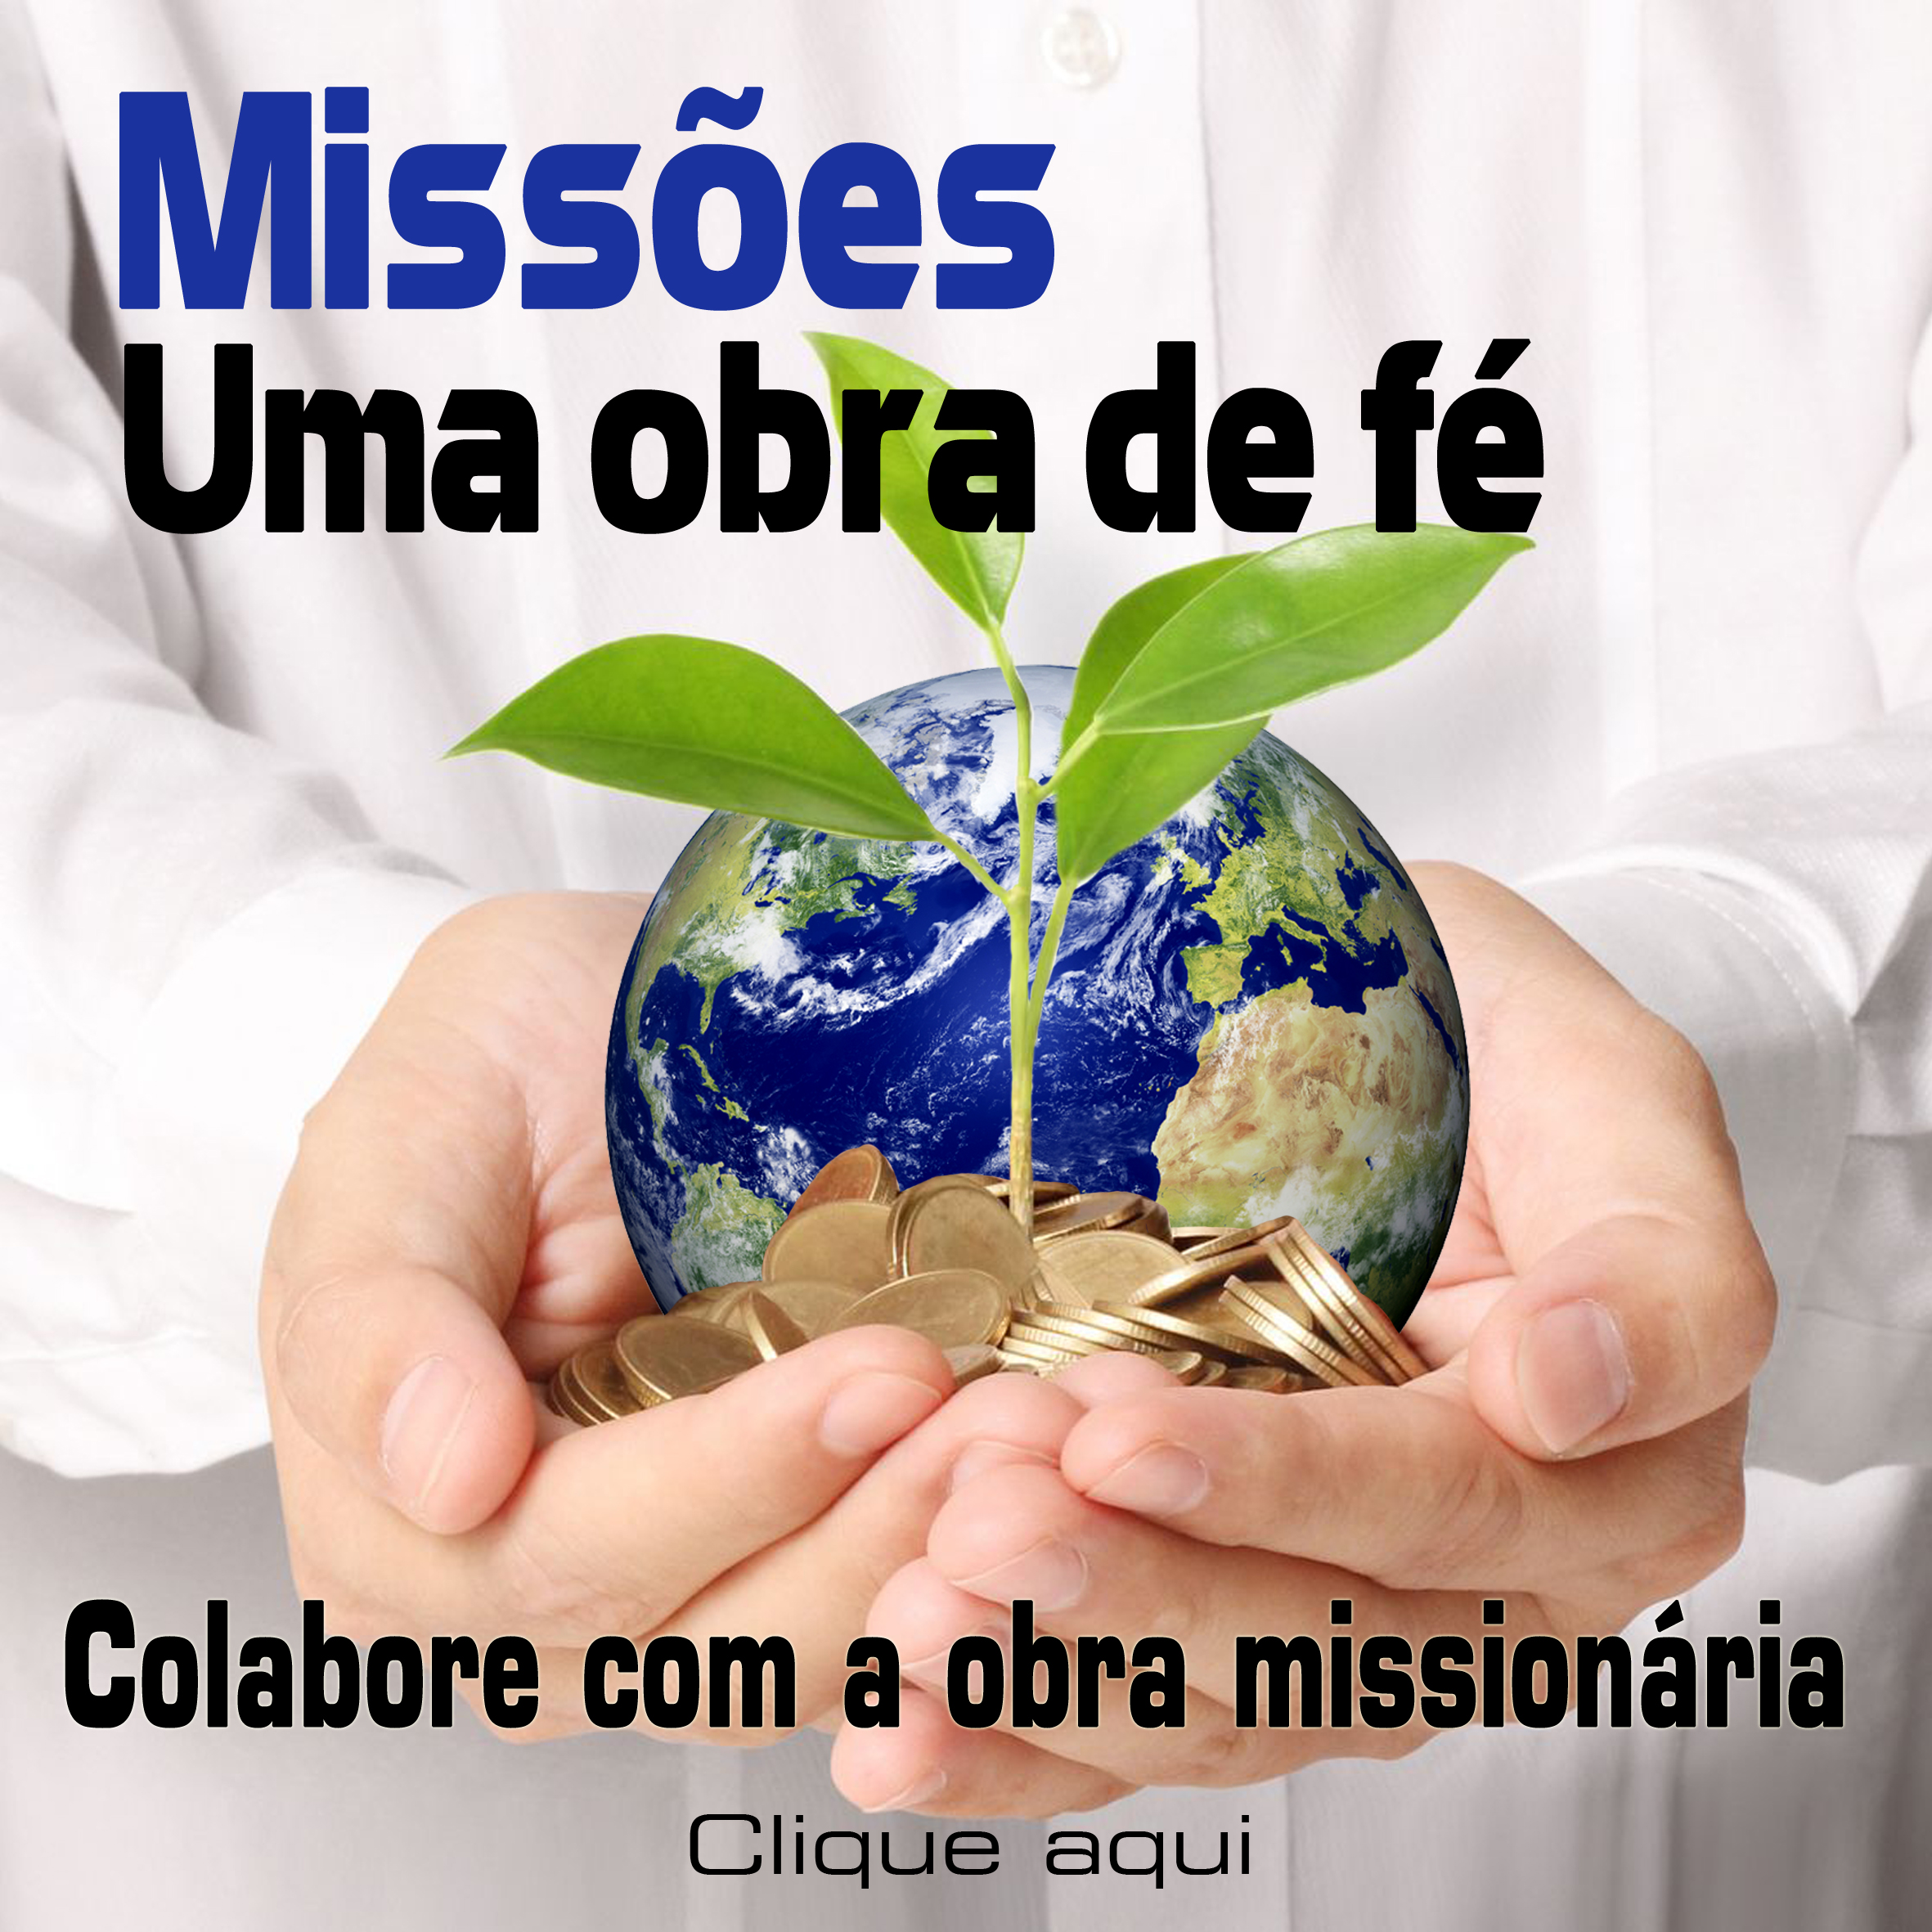 Oferta Missionária